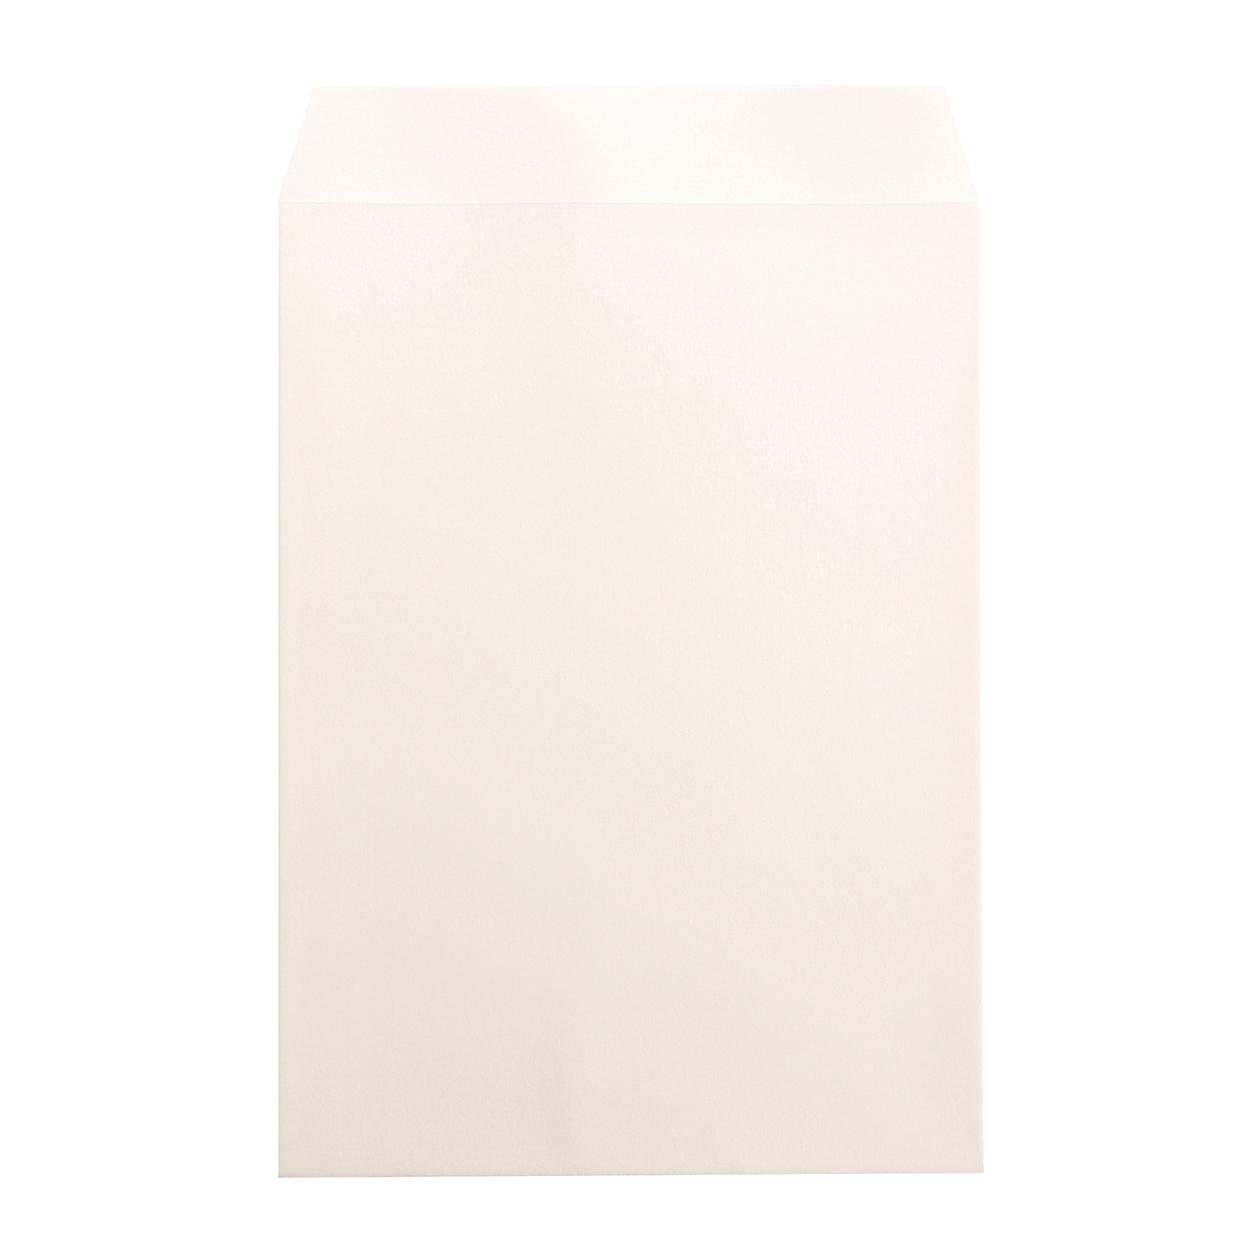 角2封筒 コットンパール スノーホワイト 125.3g